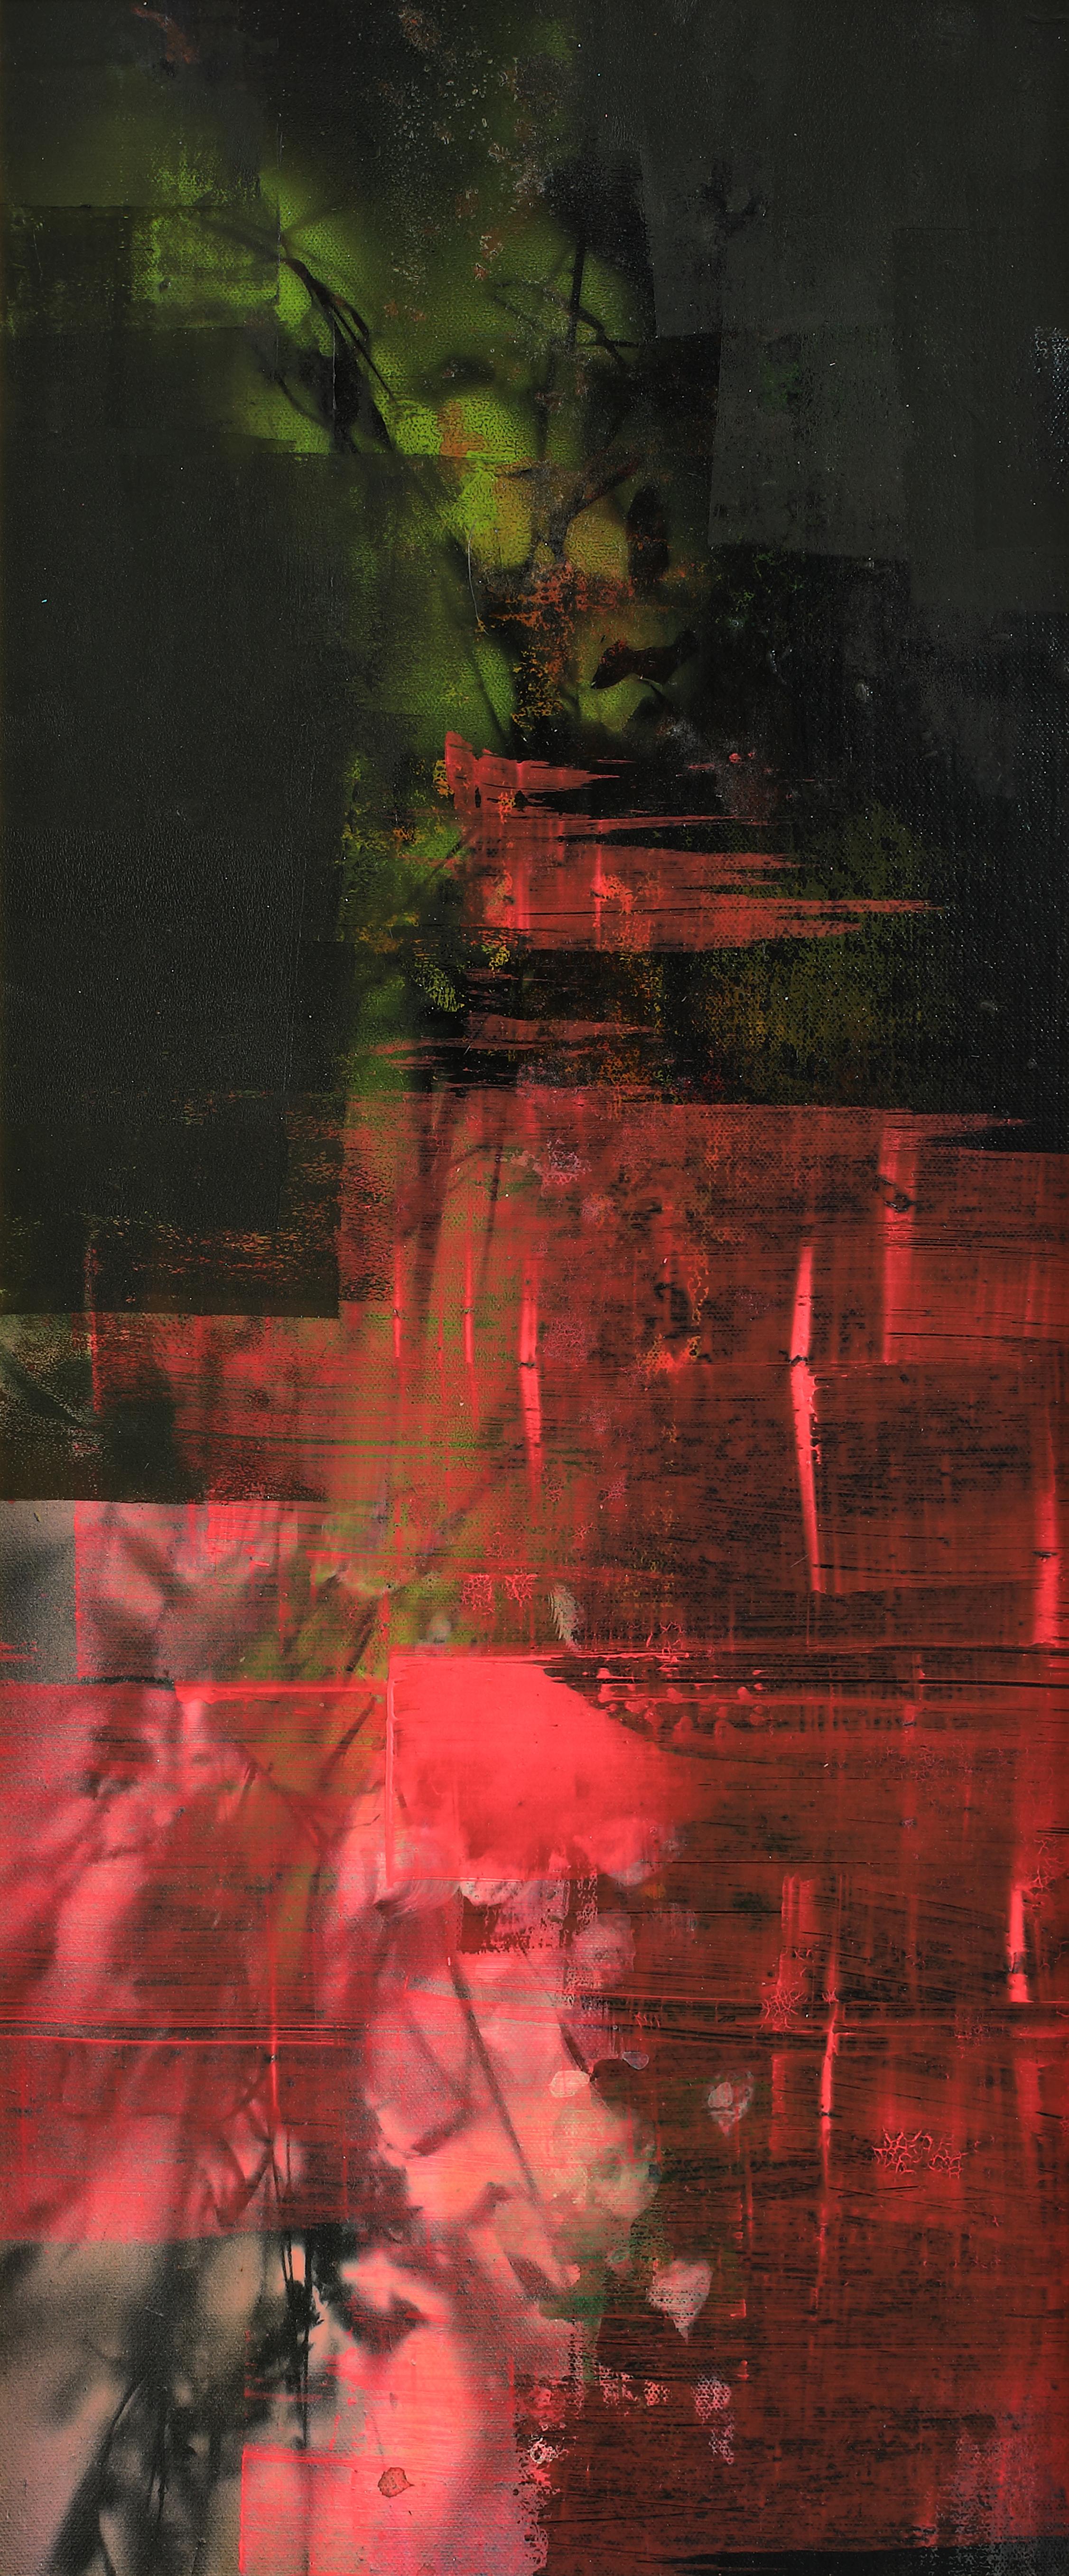 연상록3, 적벽강에 내린 꽃비, 30 x 70 cm(12호), 아크릴 및